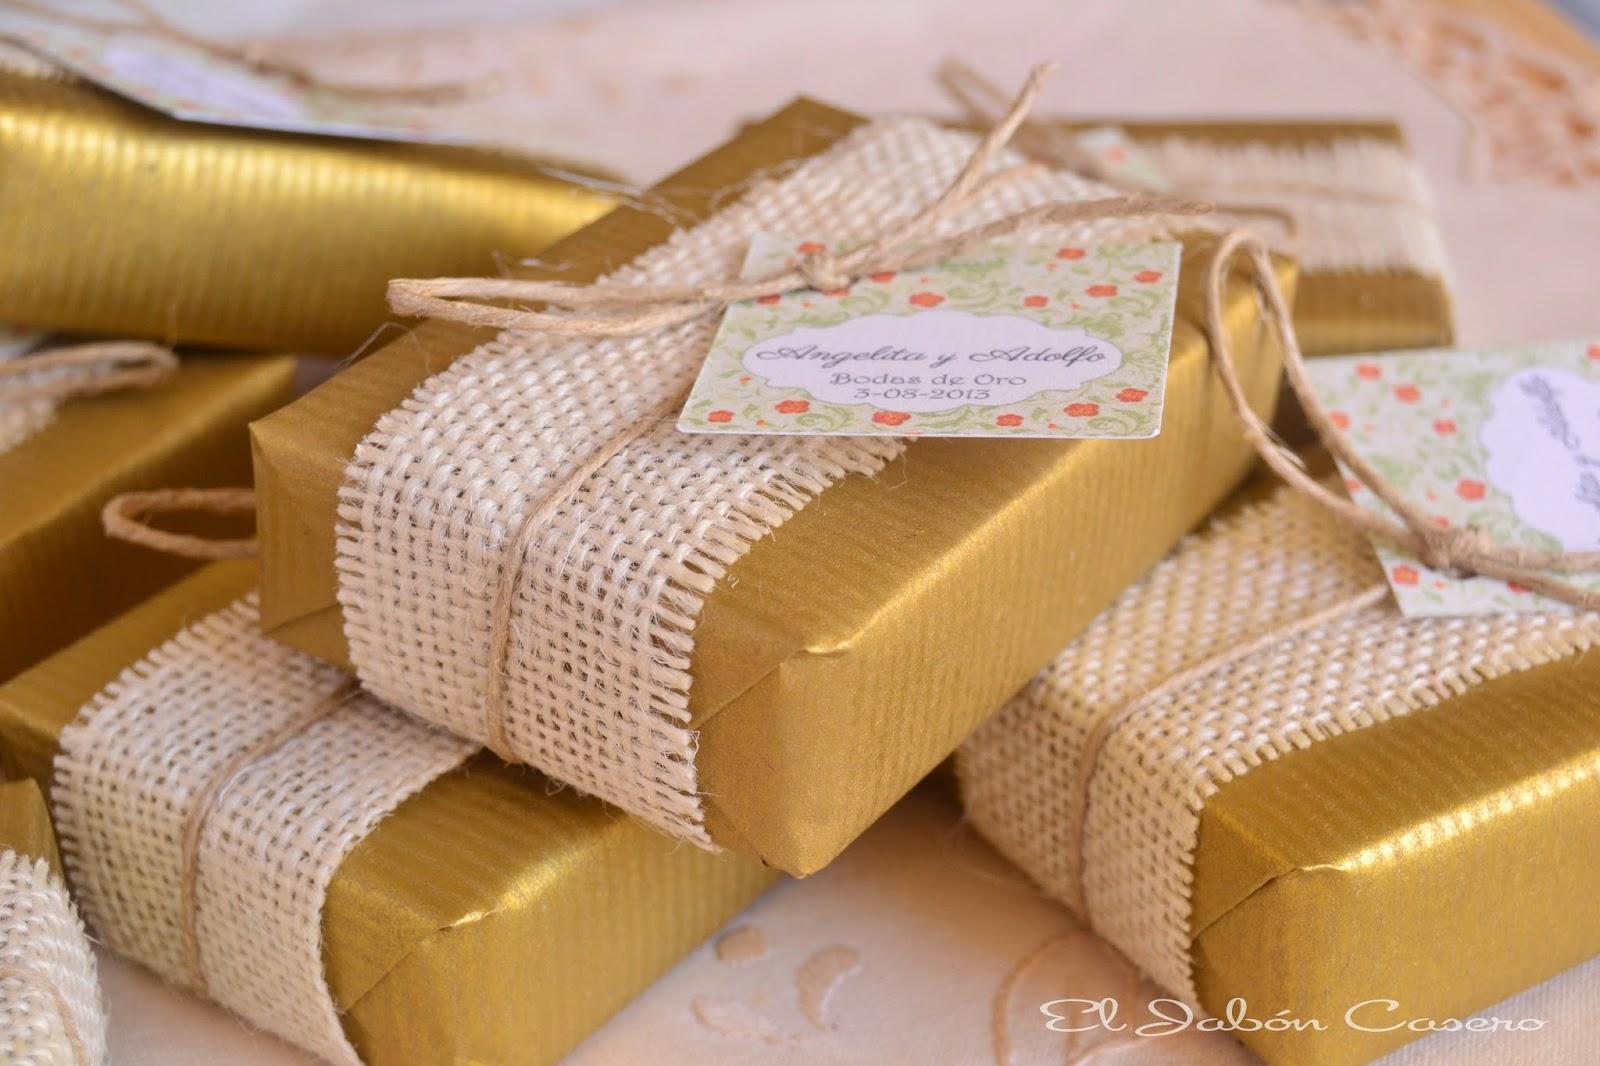 El jab n casero b lsamos y jabones para bodas - Detalles de decoracion ...